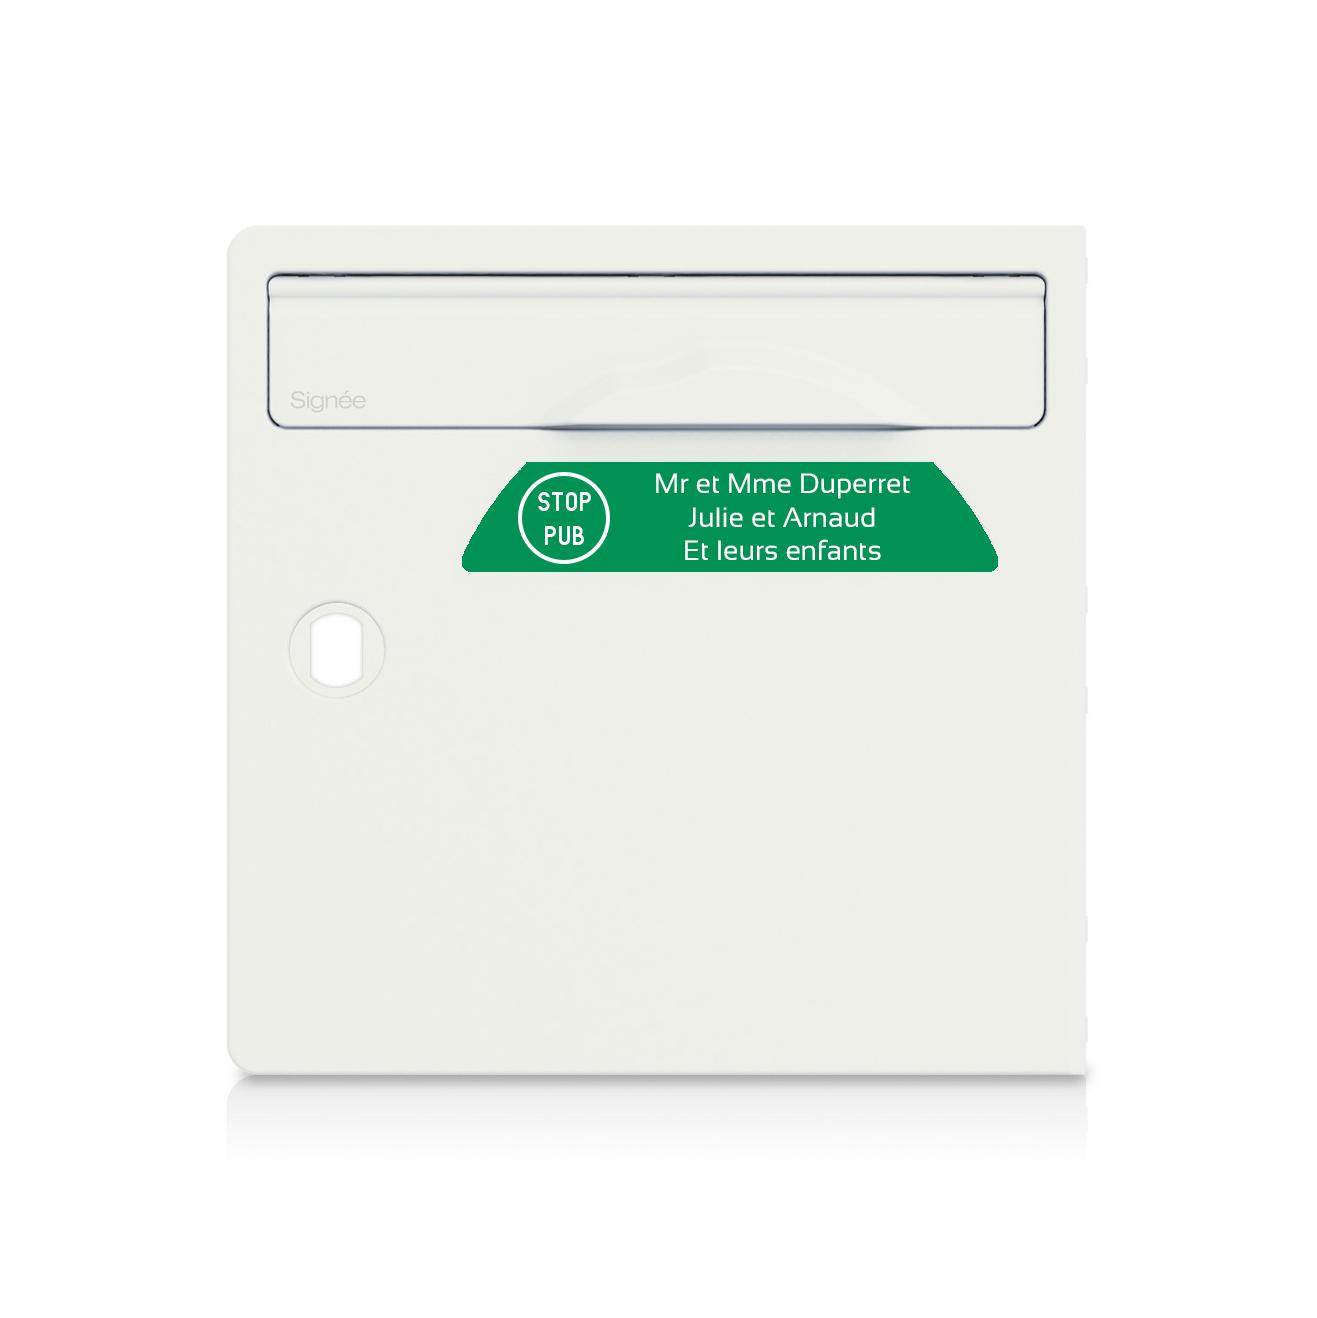 Plaque boite aux lettres Signée STOP PUB vert pomme lettres blanches - 3 lignes